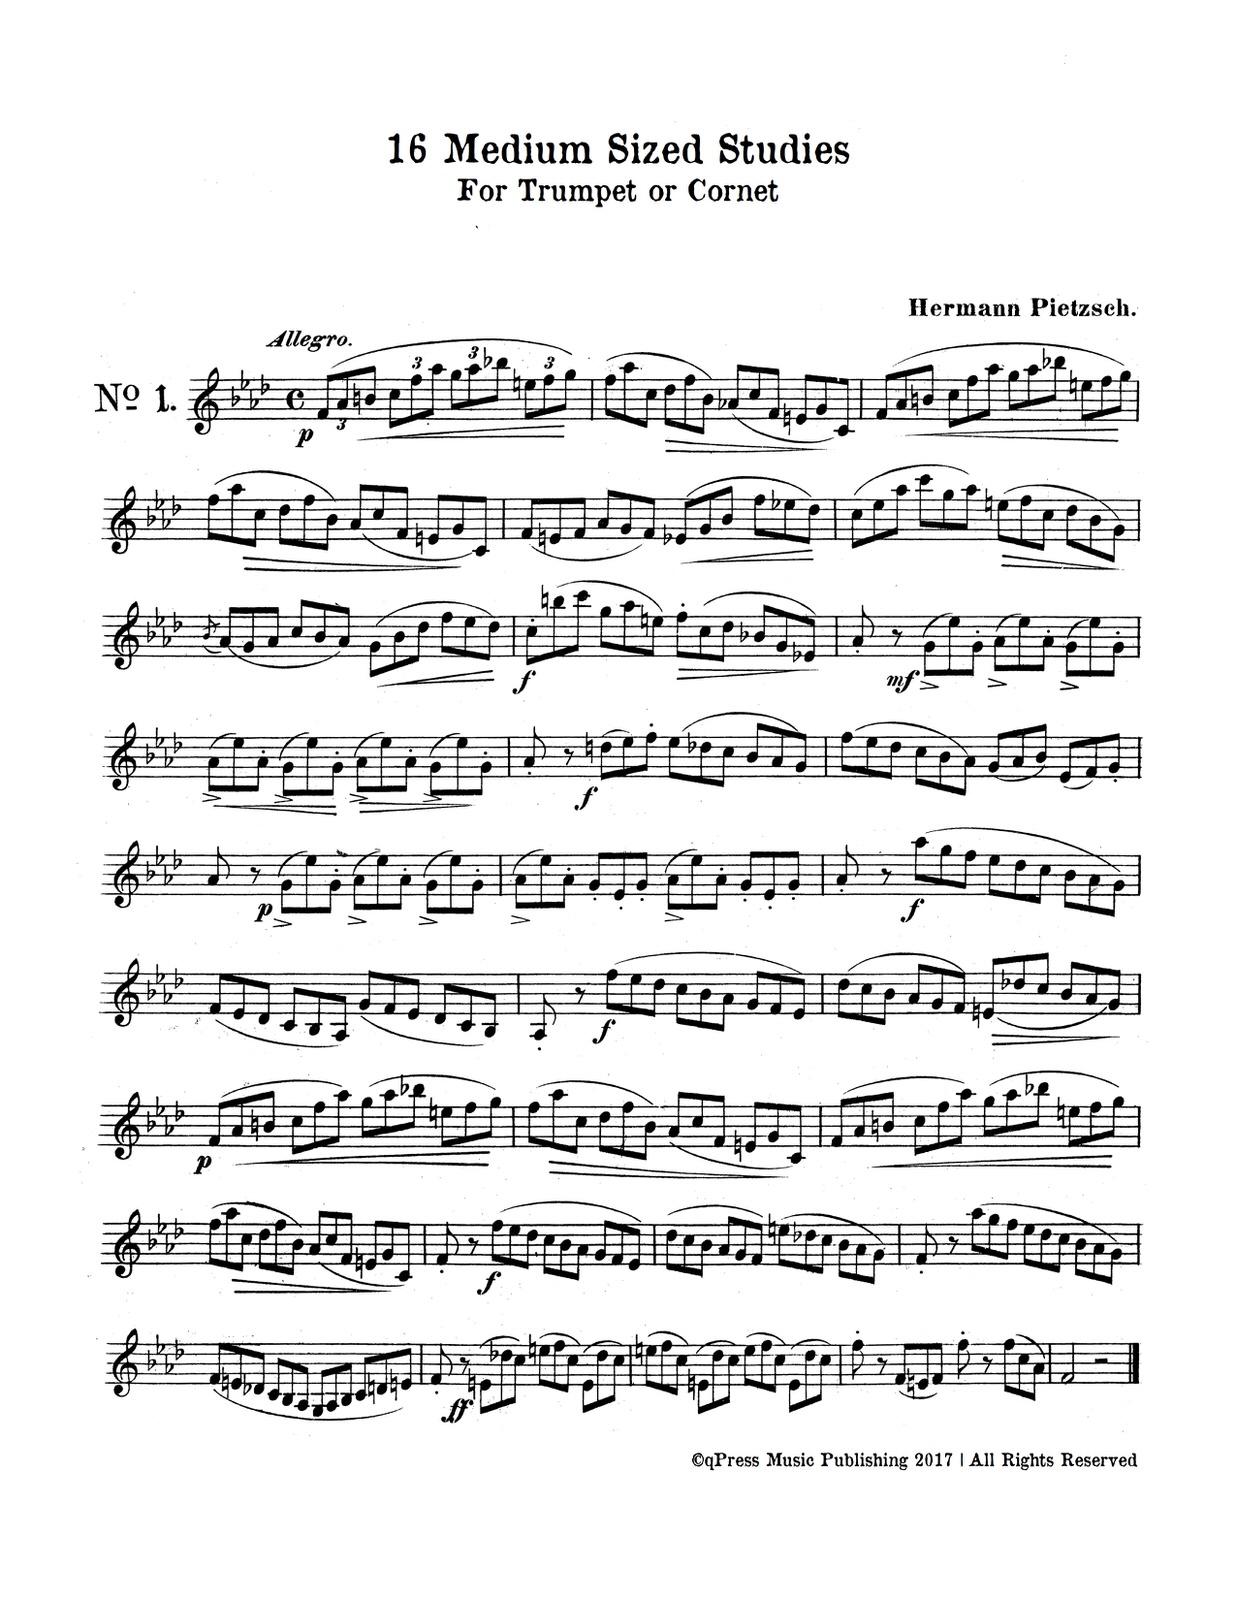 Pietzsch, 16 Medium Sized Studies-p03